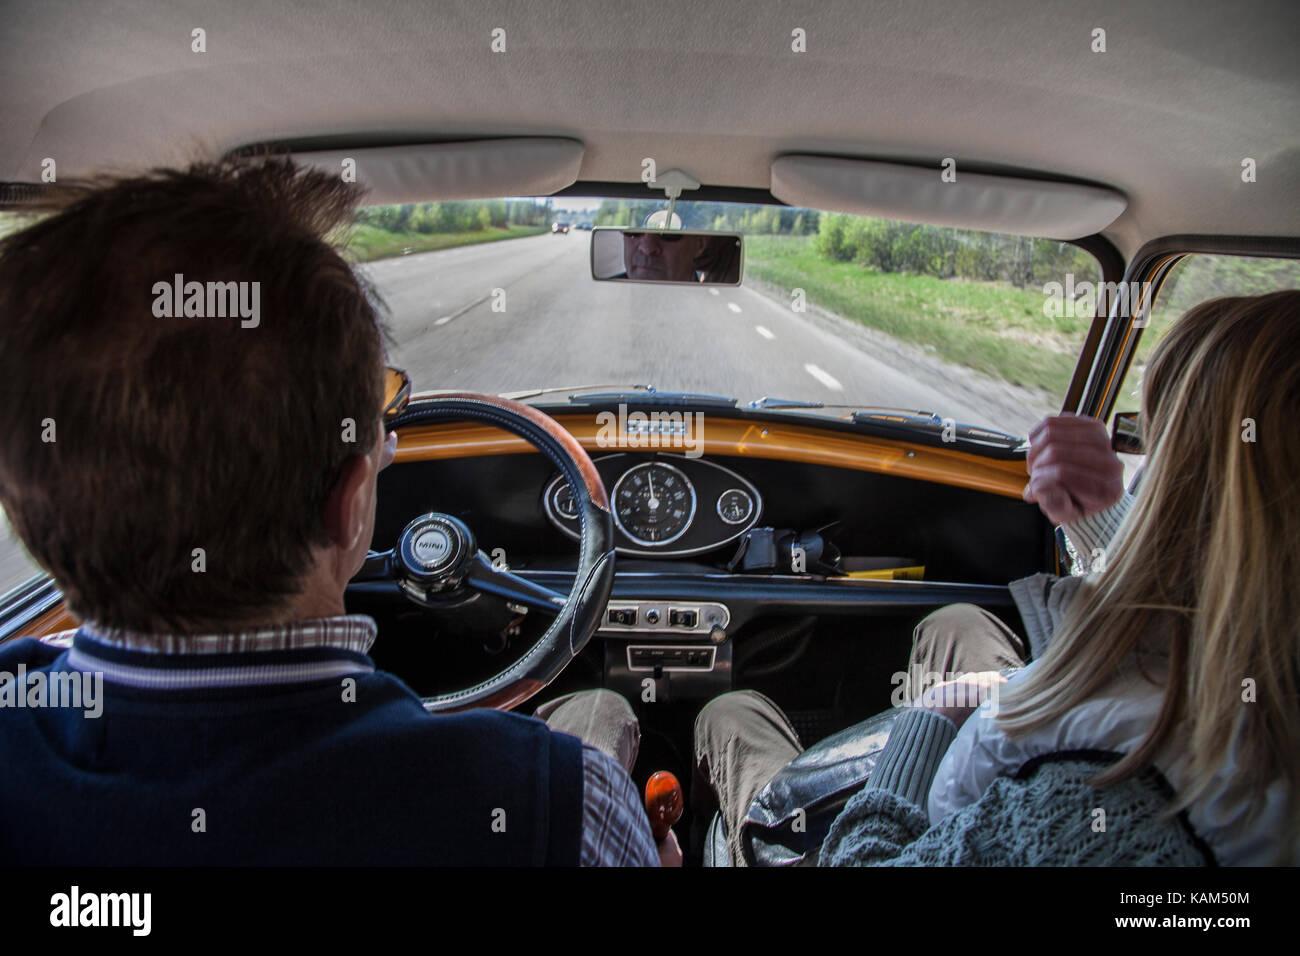 En tur med hundkojan / on tour with a BMC Mini - Stock Image